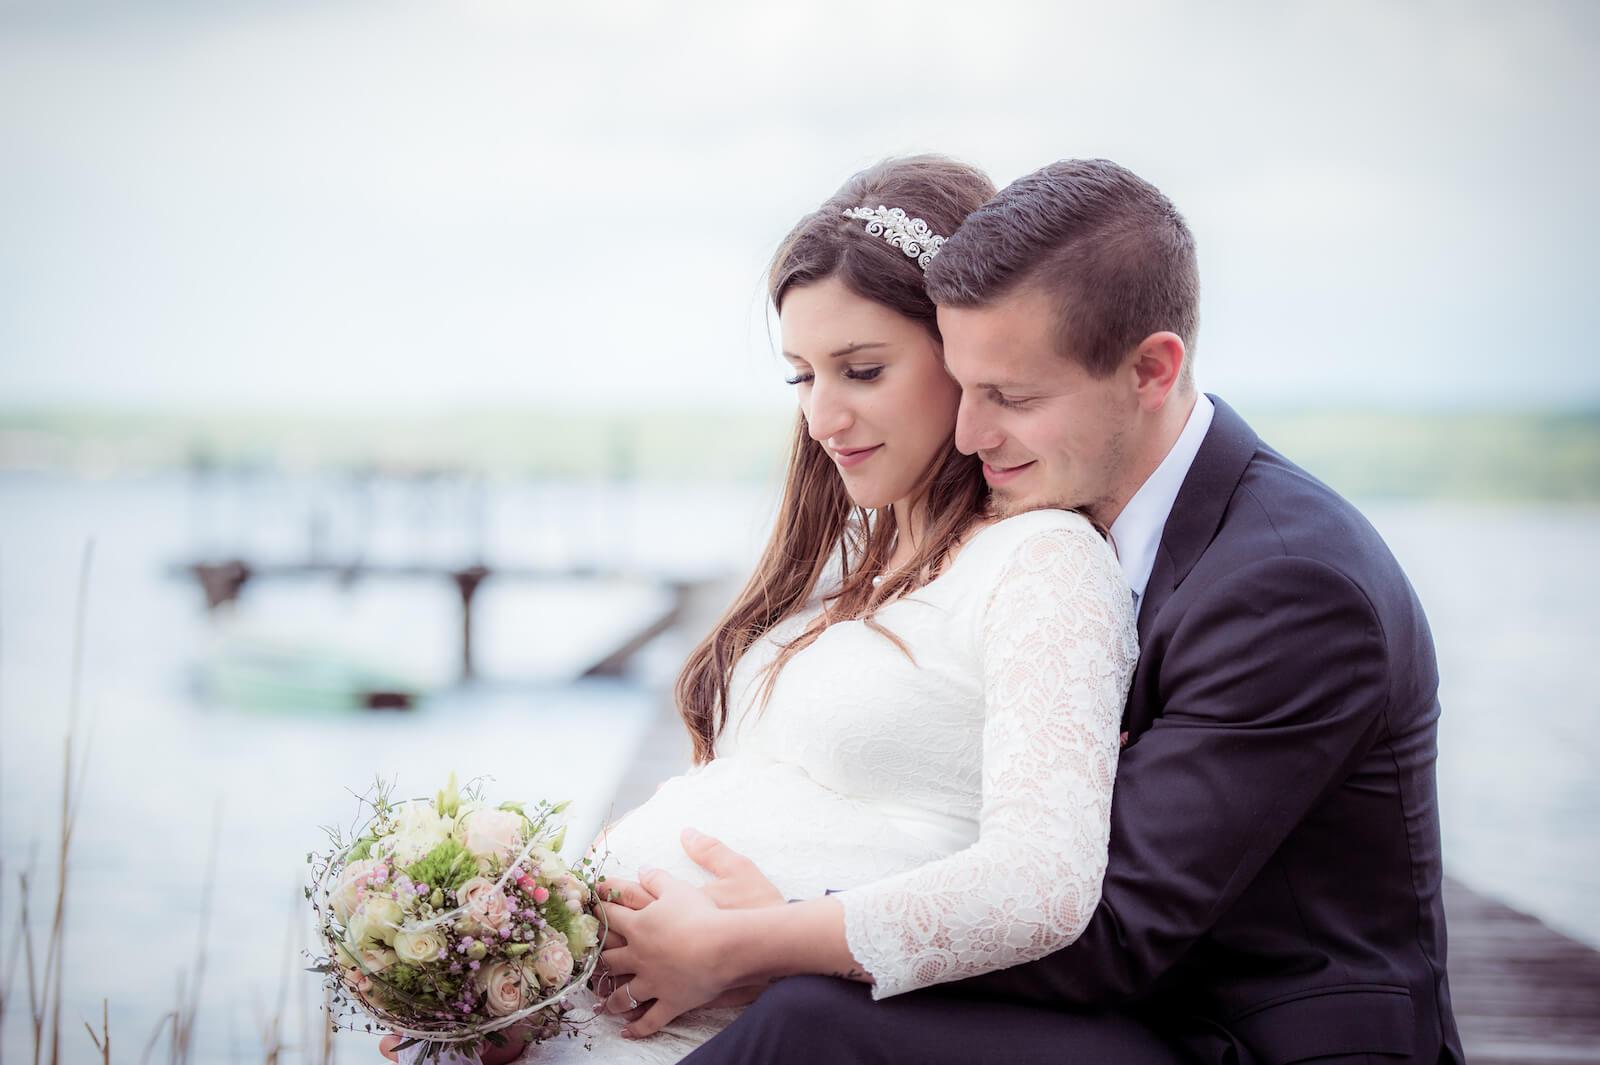 Hochzeit mit Babybauch - das Brautpaar am Ufer des Ammersee sitzend am Steg